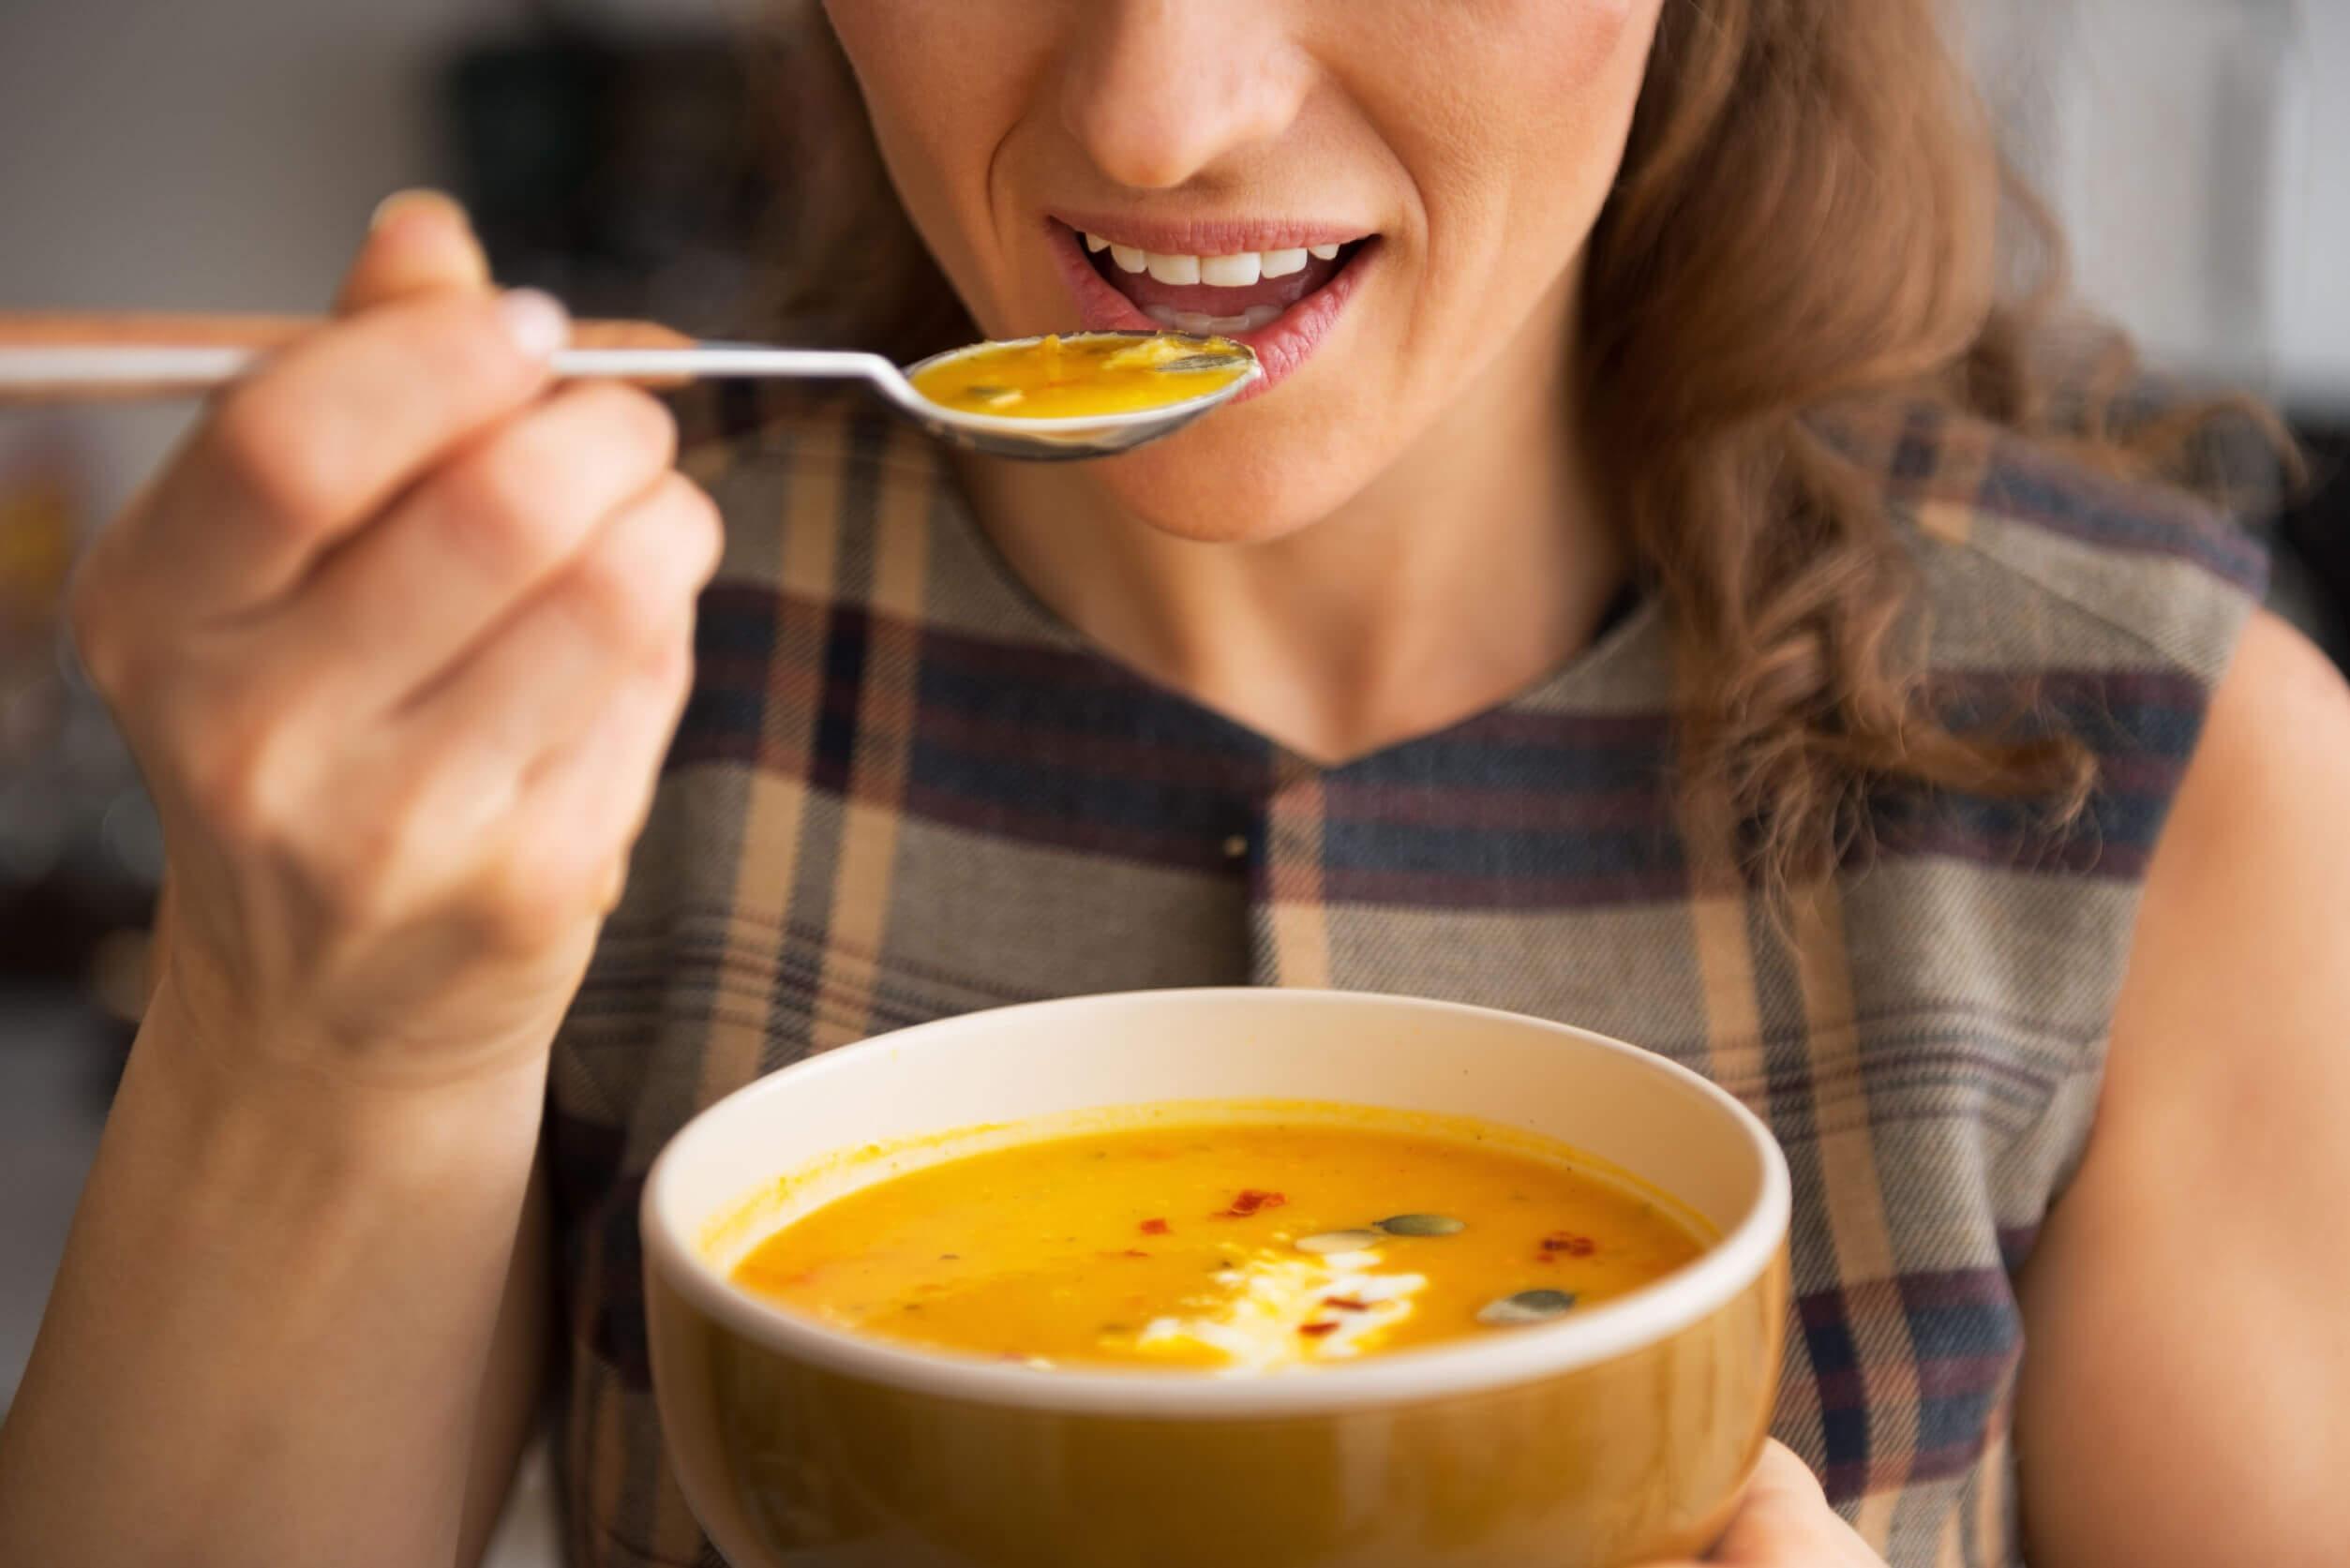 La dieta blanda incluye sopas y jugos.